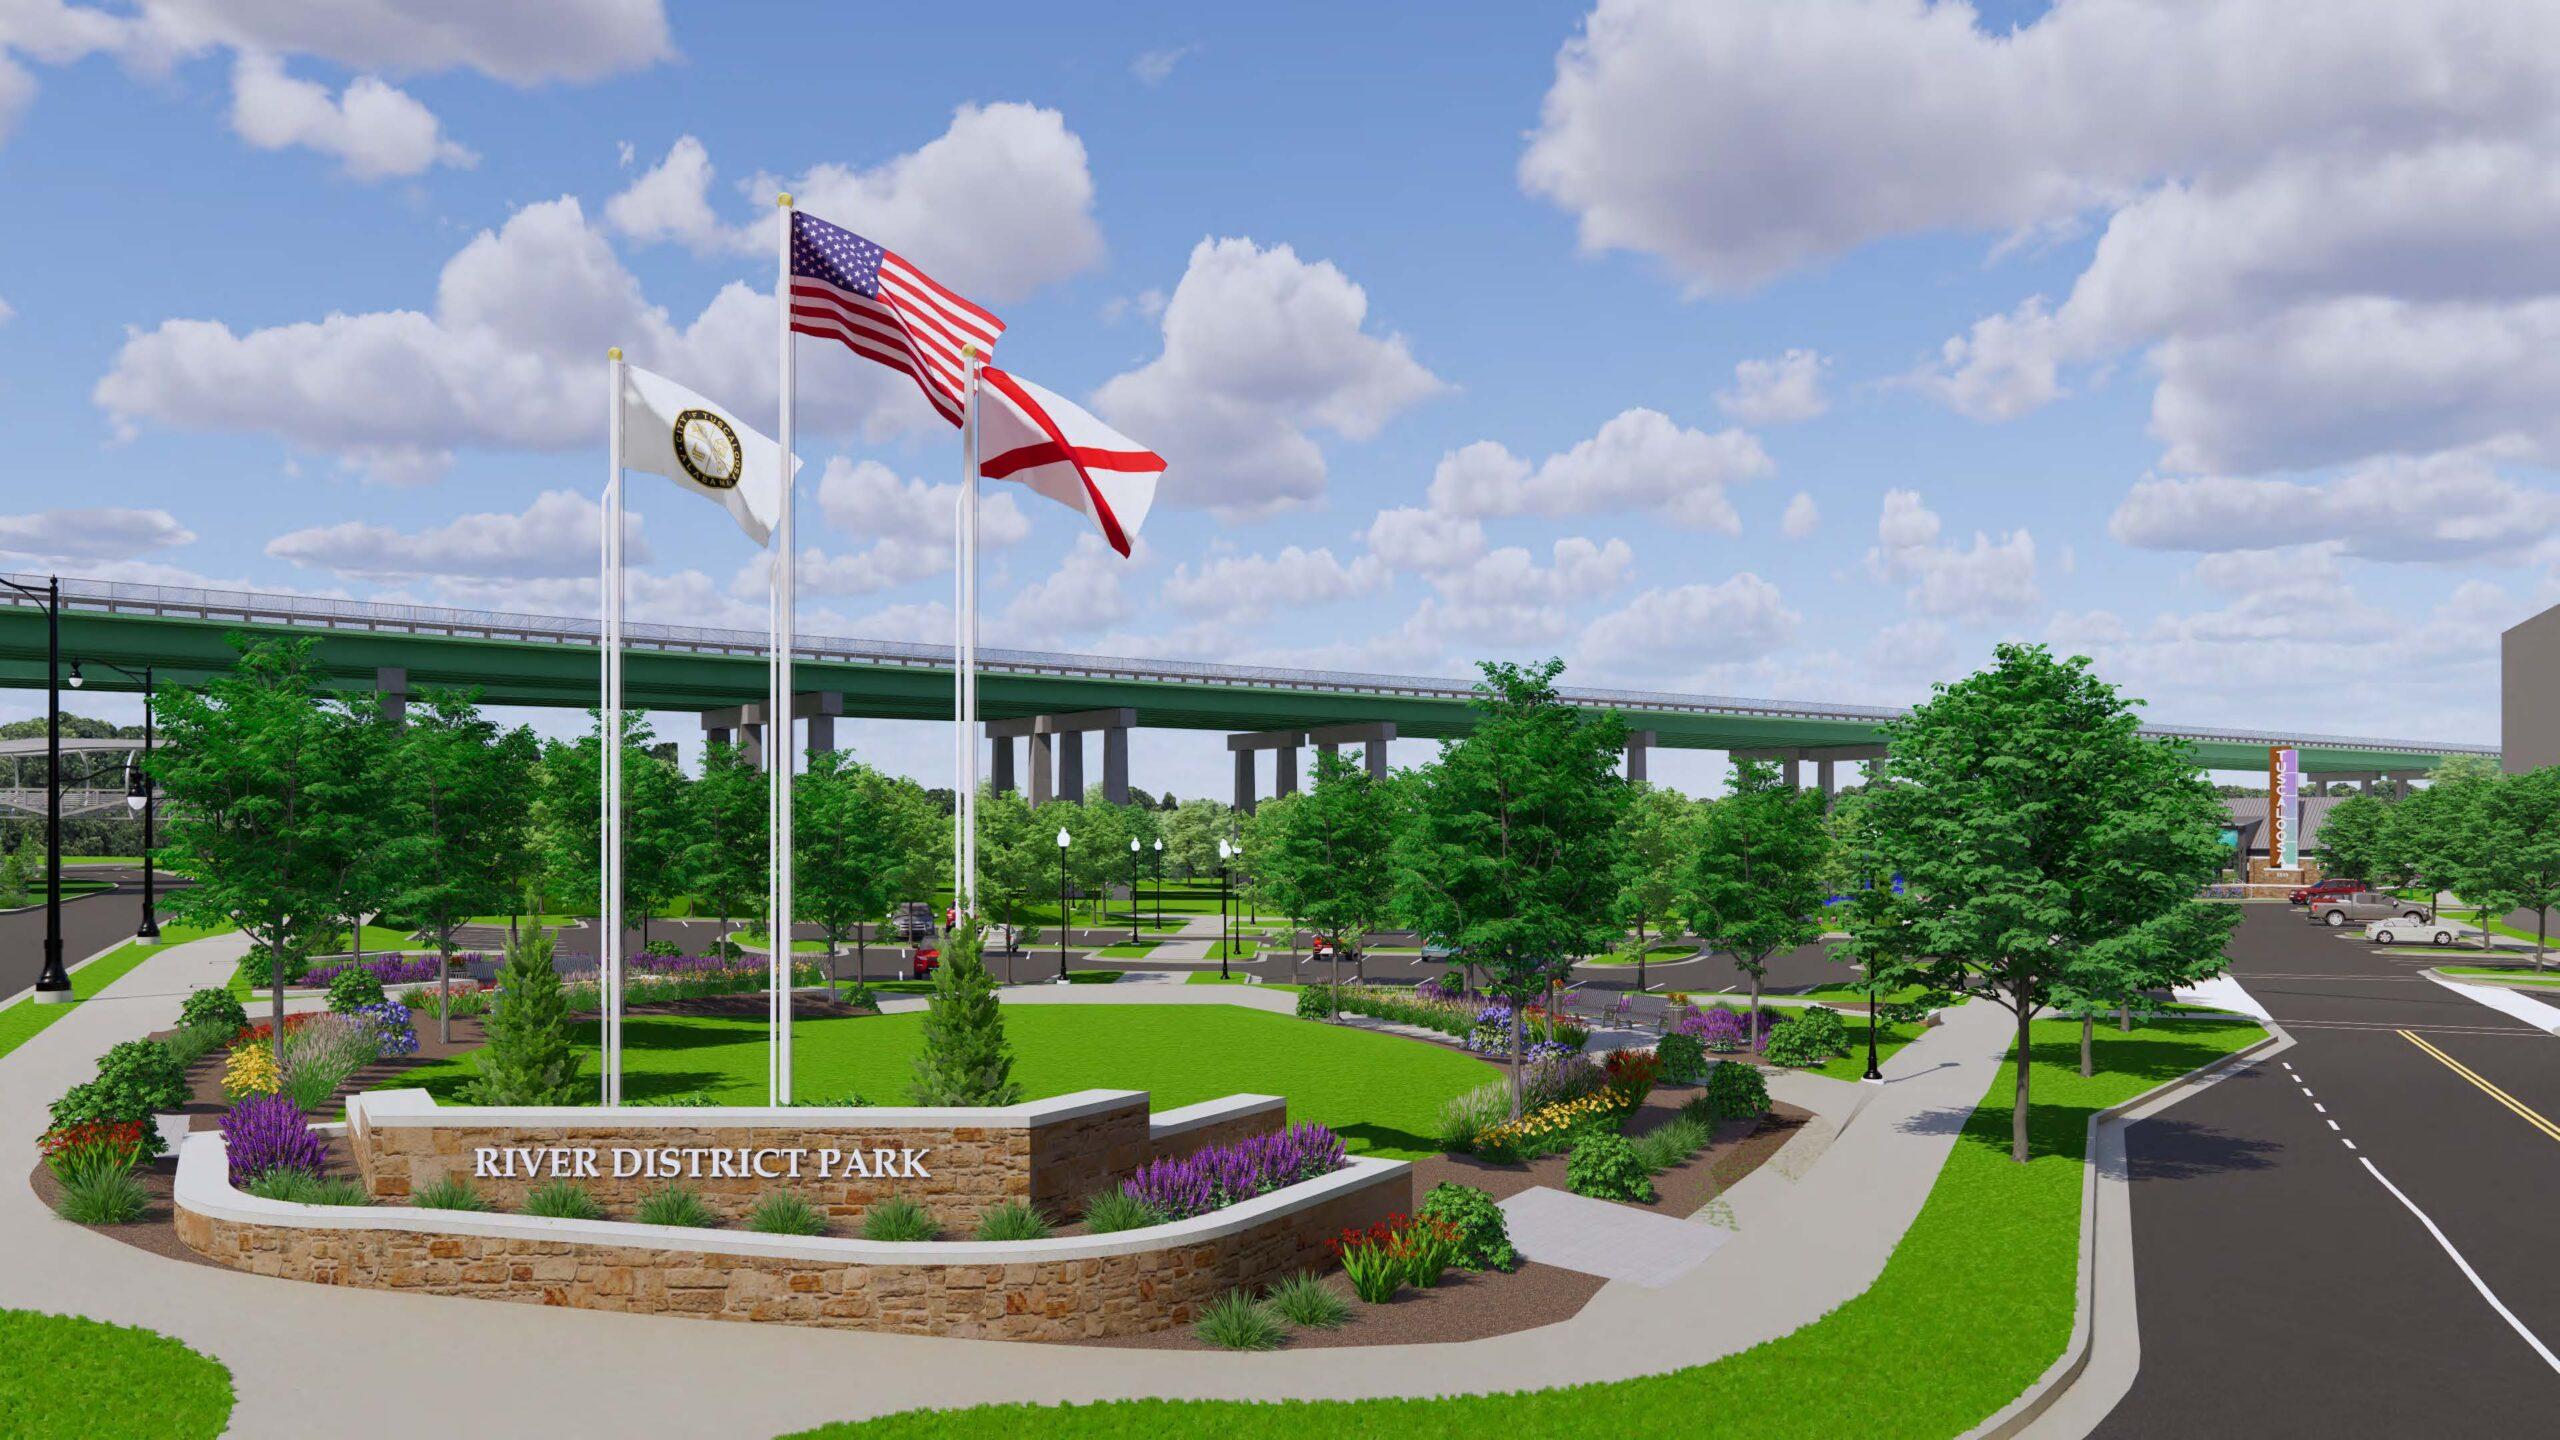 River District Park Entrance